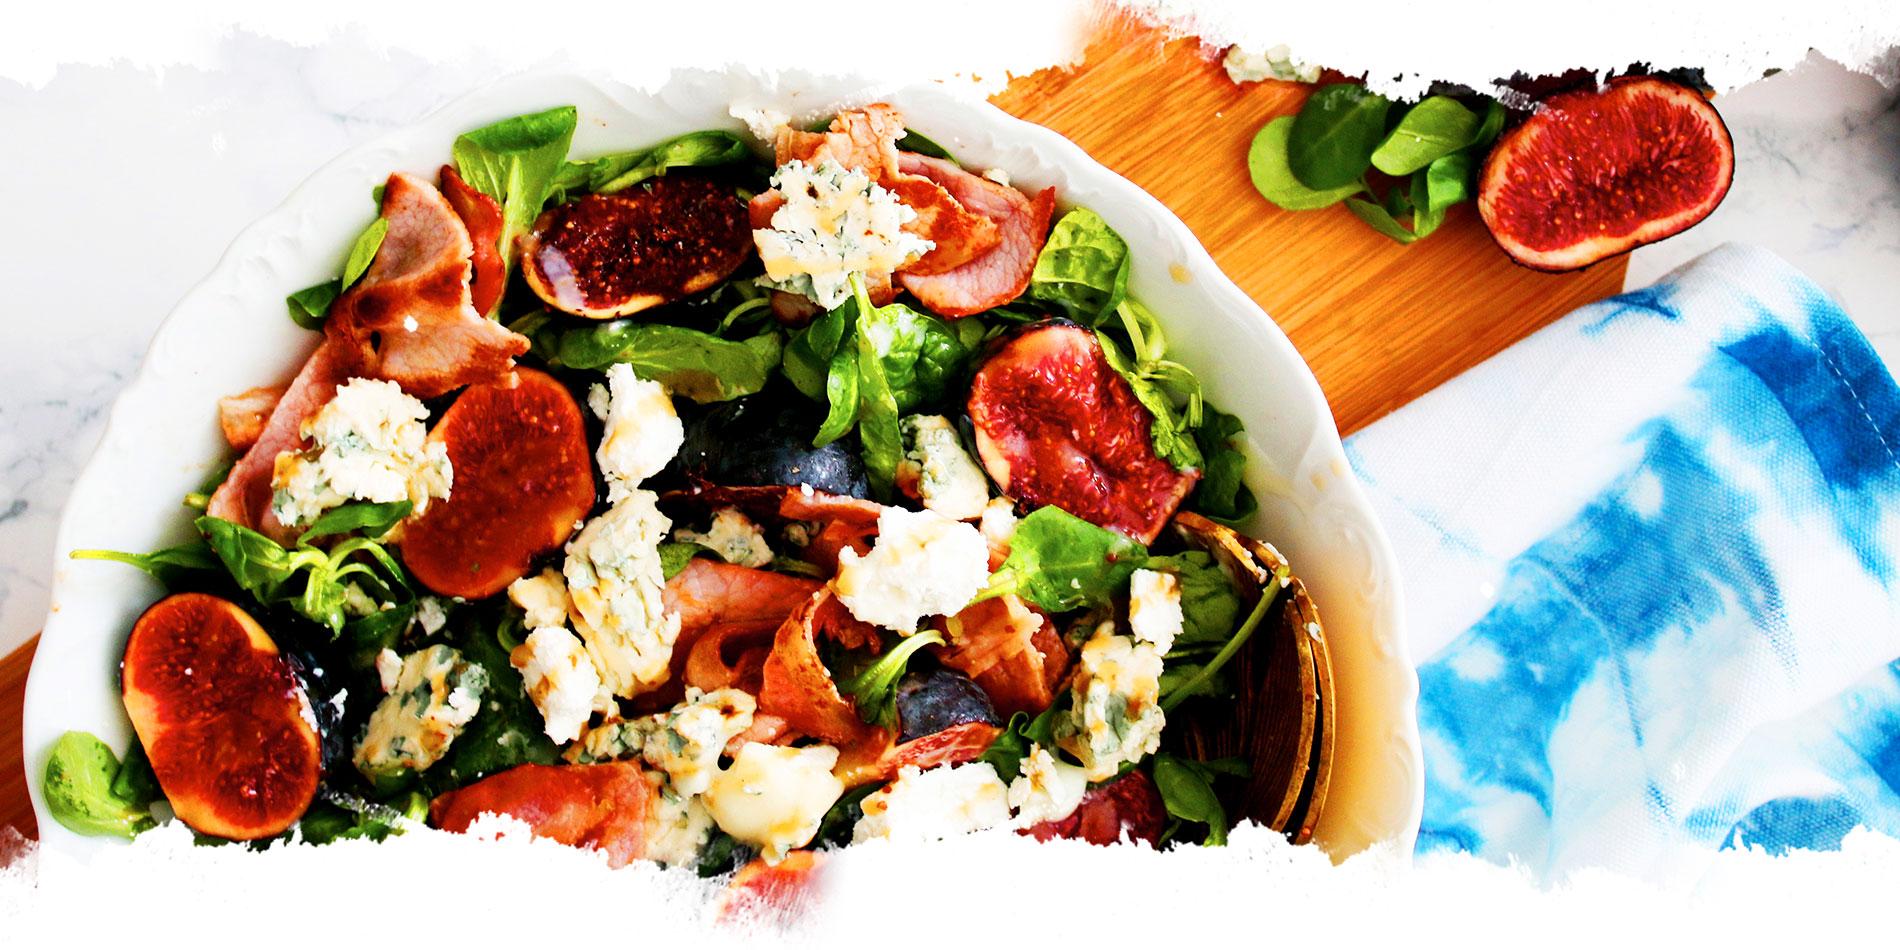 Food_Recipe_6_3_FR